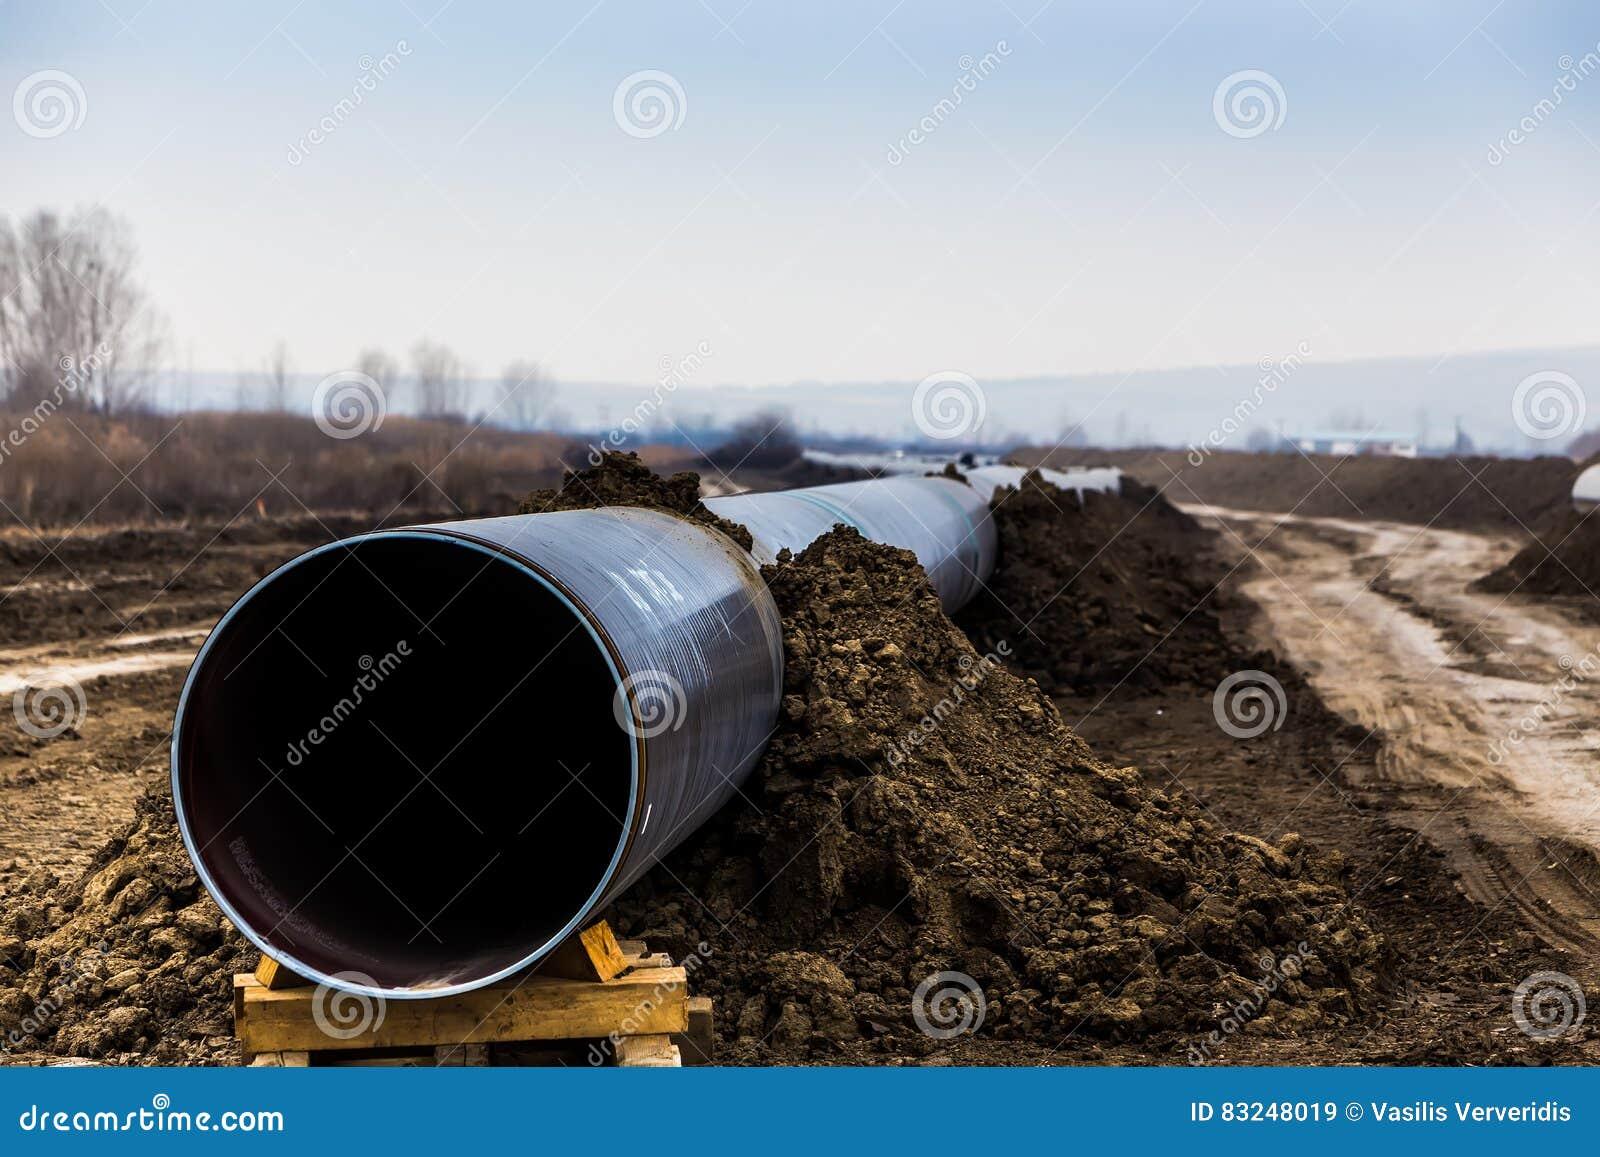 Konstruktion av rörledningen för gasledningtrans. Adriatiska havet - KLAPP